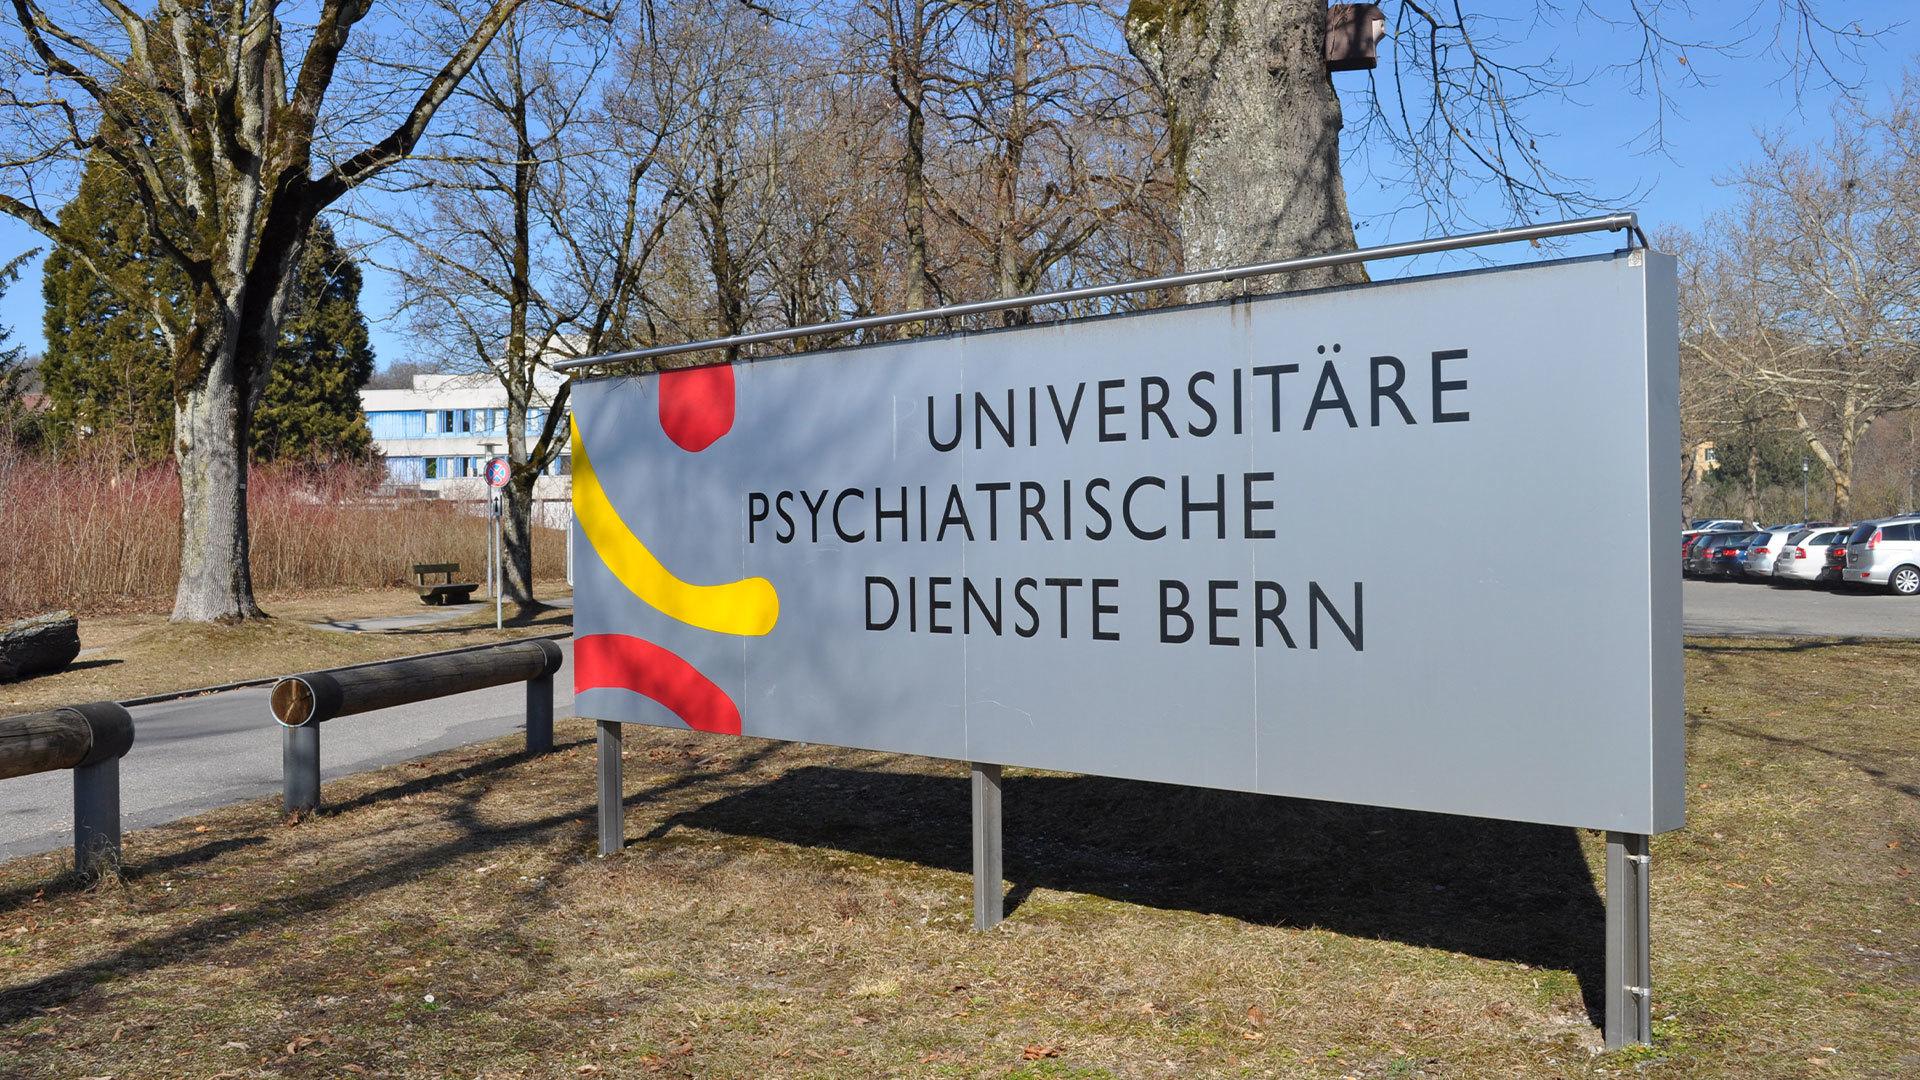 Universitäre Psychiatrische Dienste Bern AG - Ärztlicher Bezirksverein Bern Regio